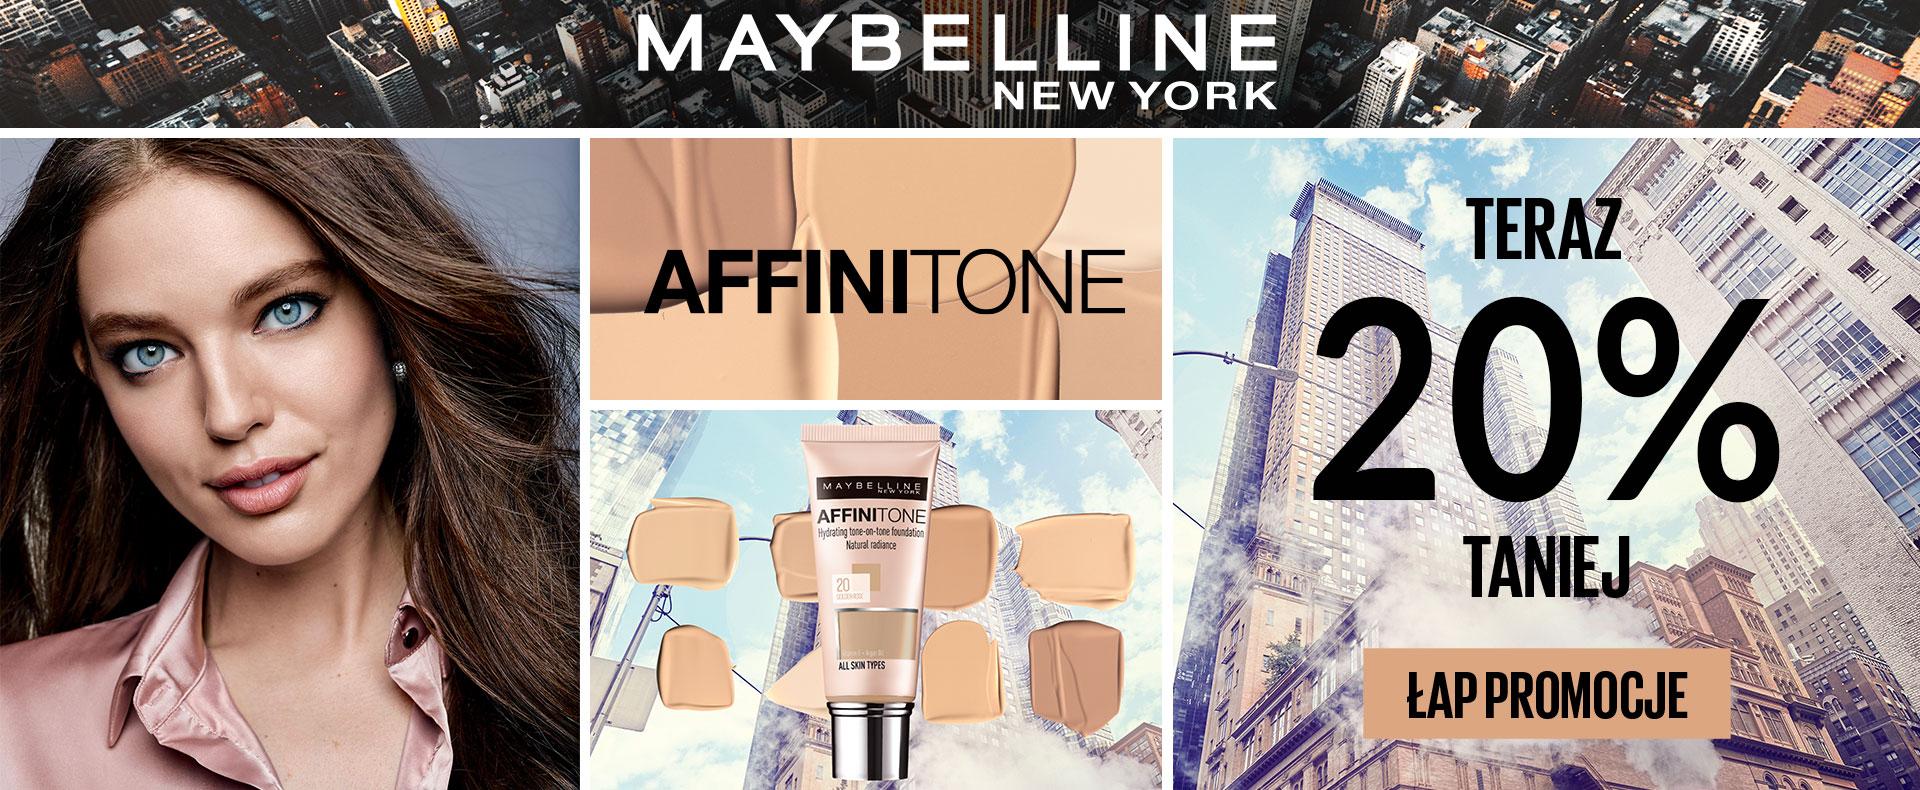 Ezebra: 20% zniżki na kosmetyki marki Maybelline New York                         title=